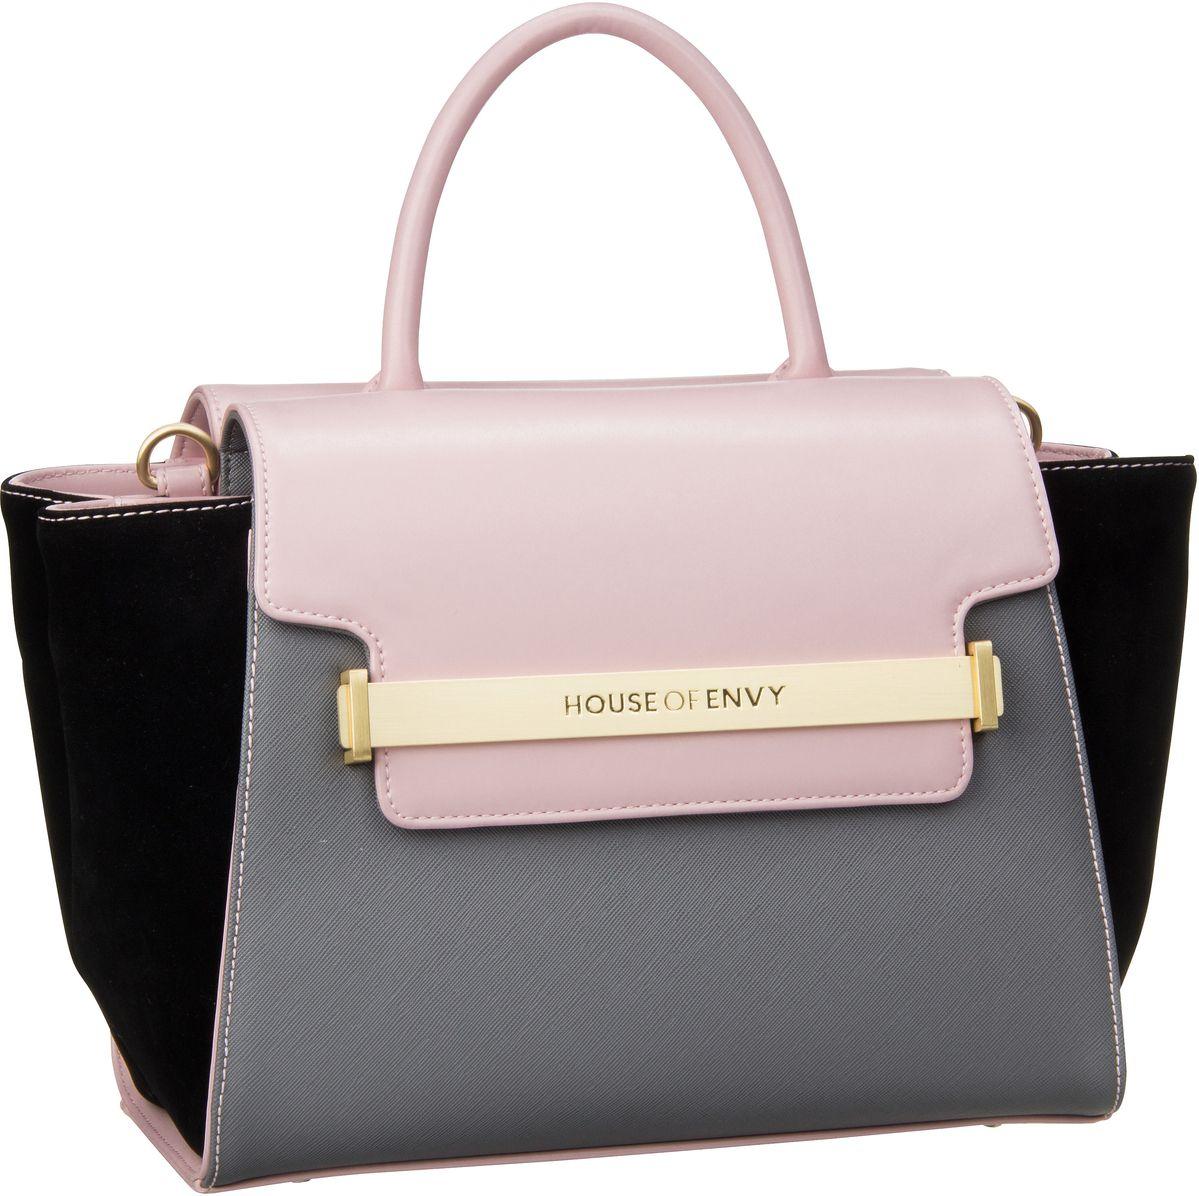 house of envy lovable grey combi handtasche online kaufen. Black Bedroom Furniture Sets. Home Design Ideas